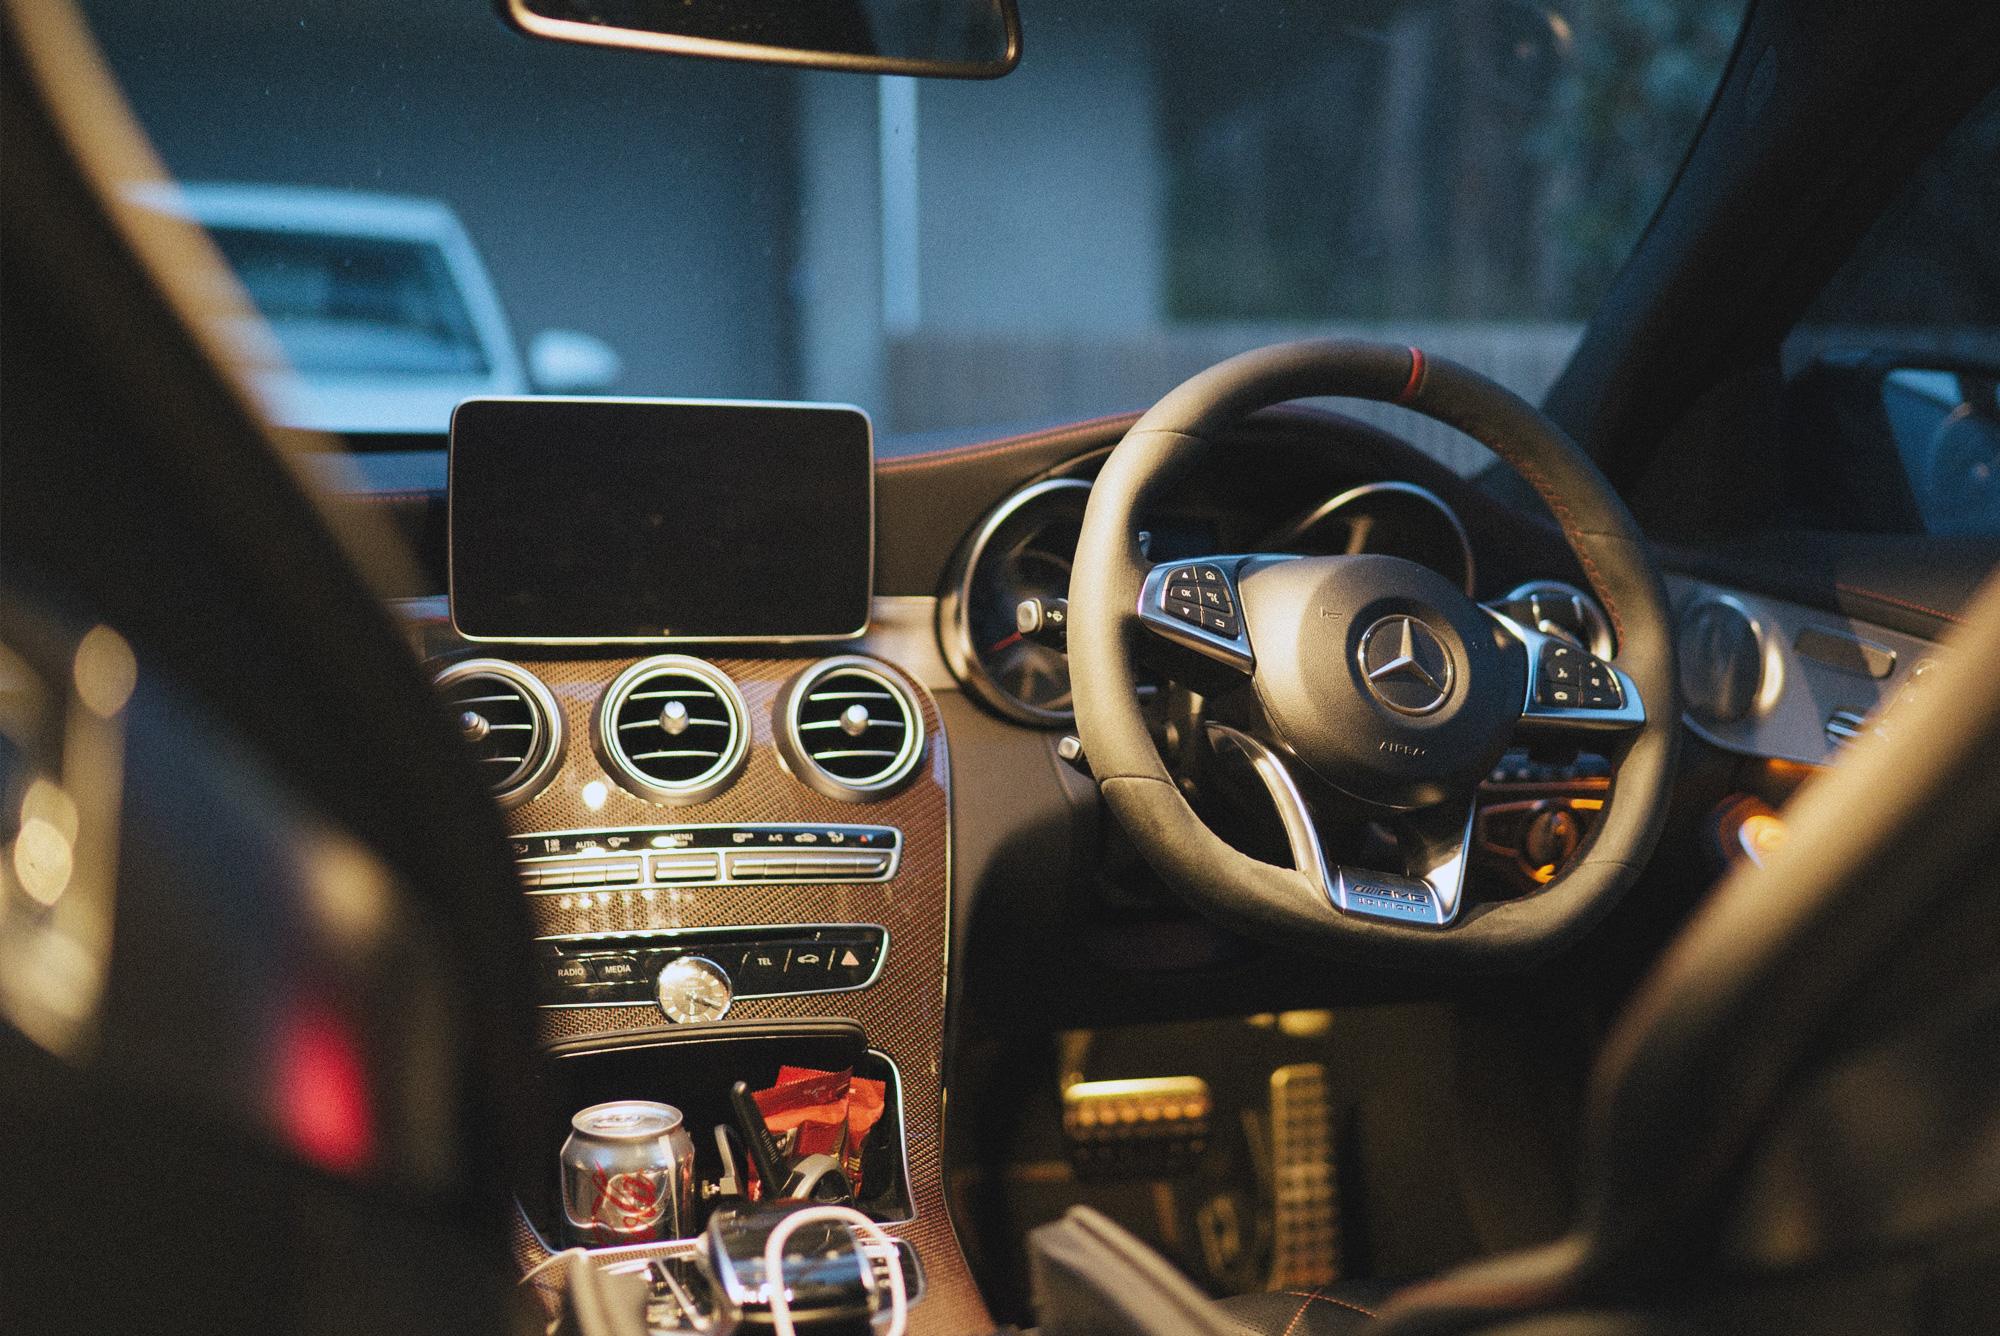 c63_interior